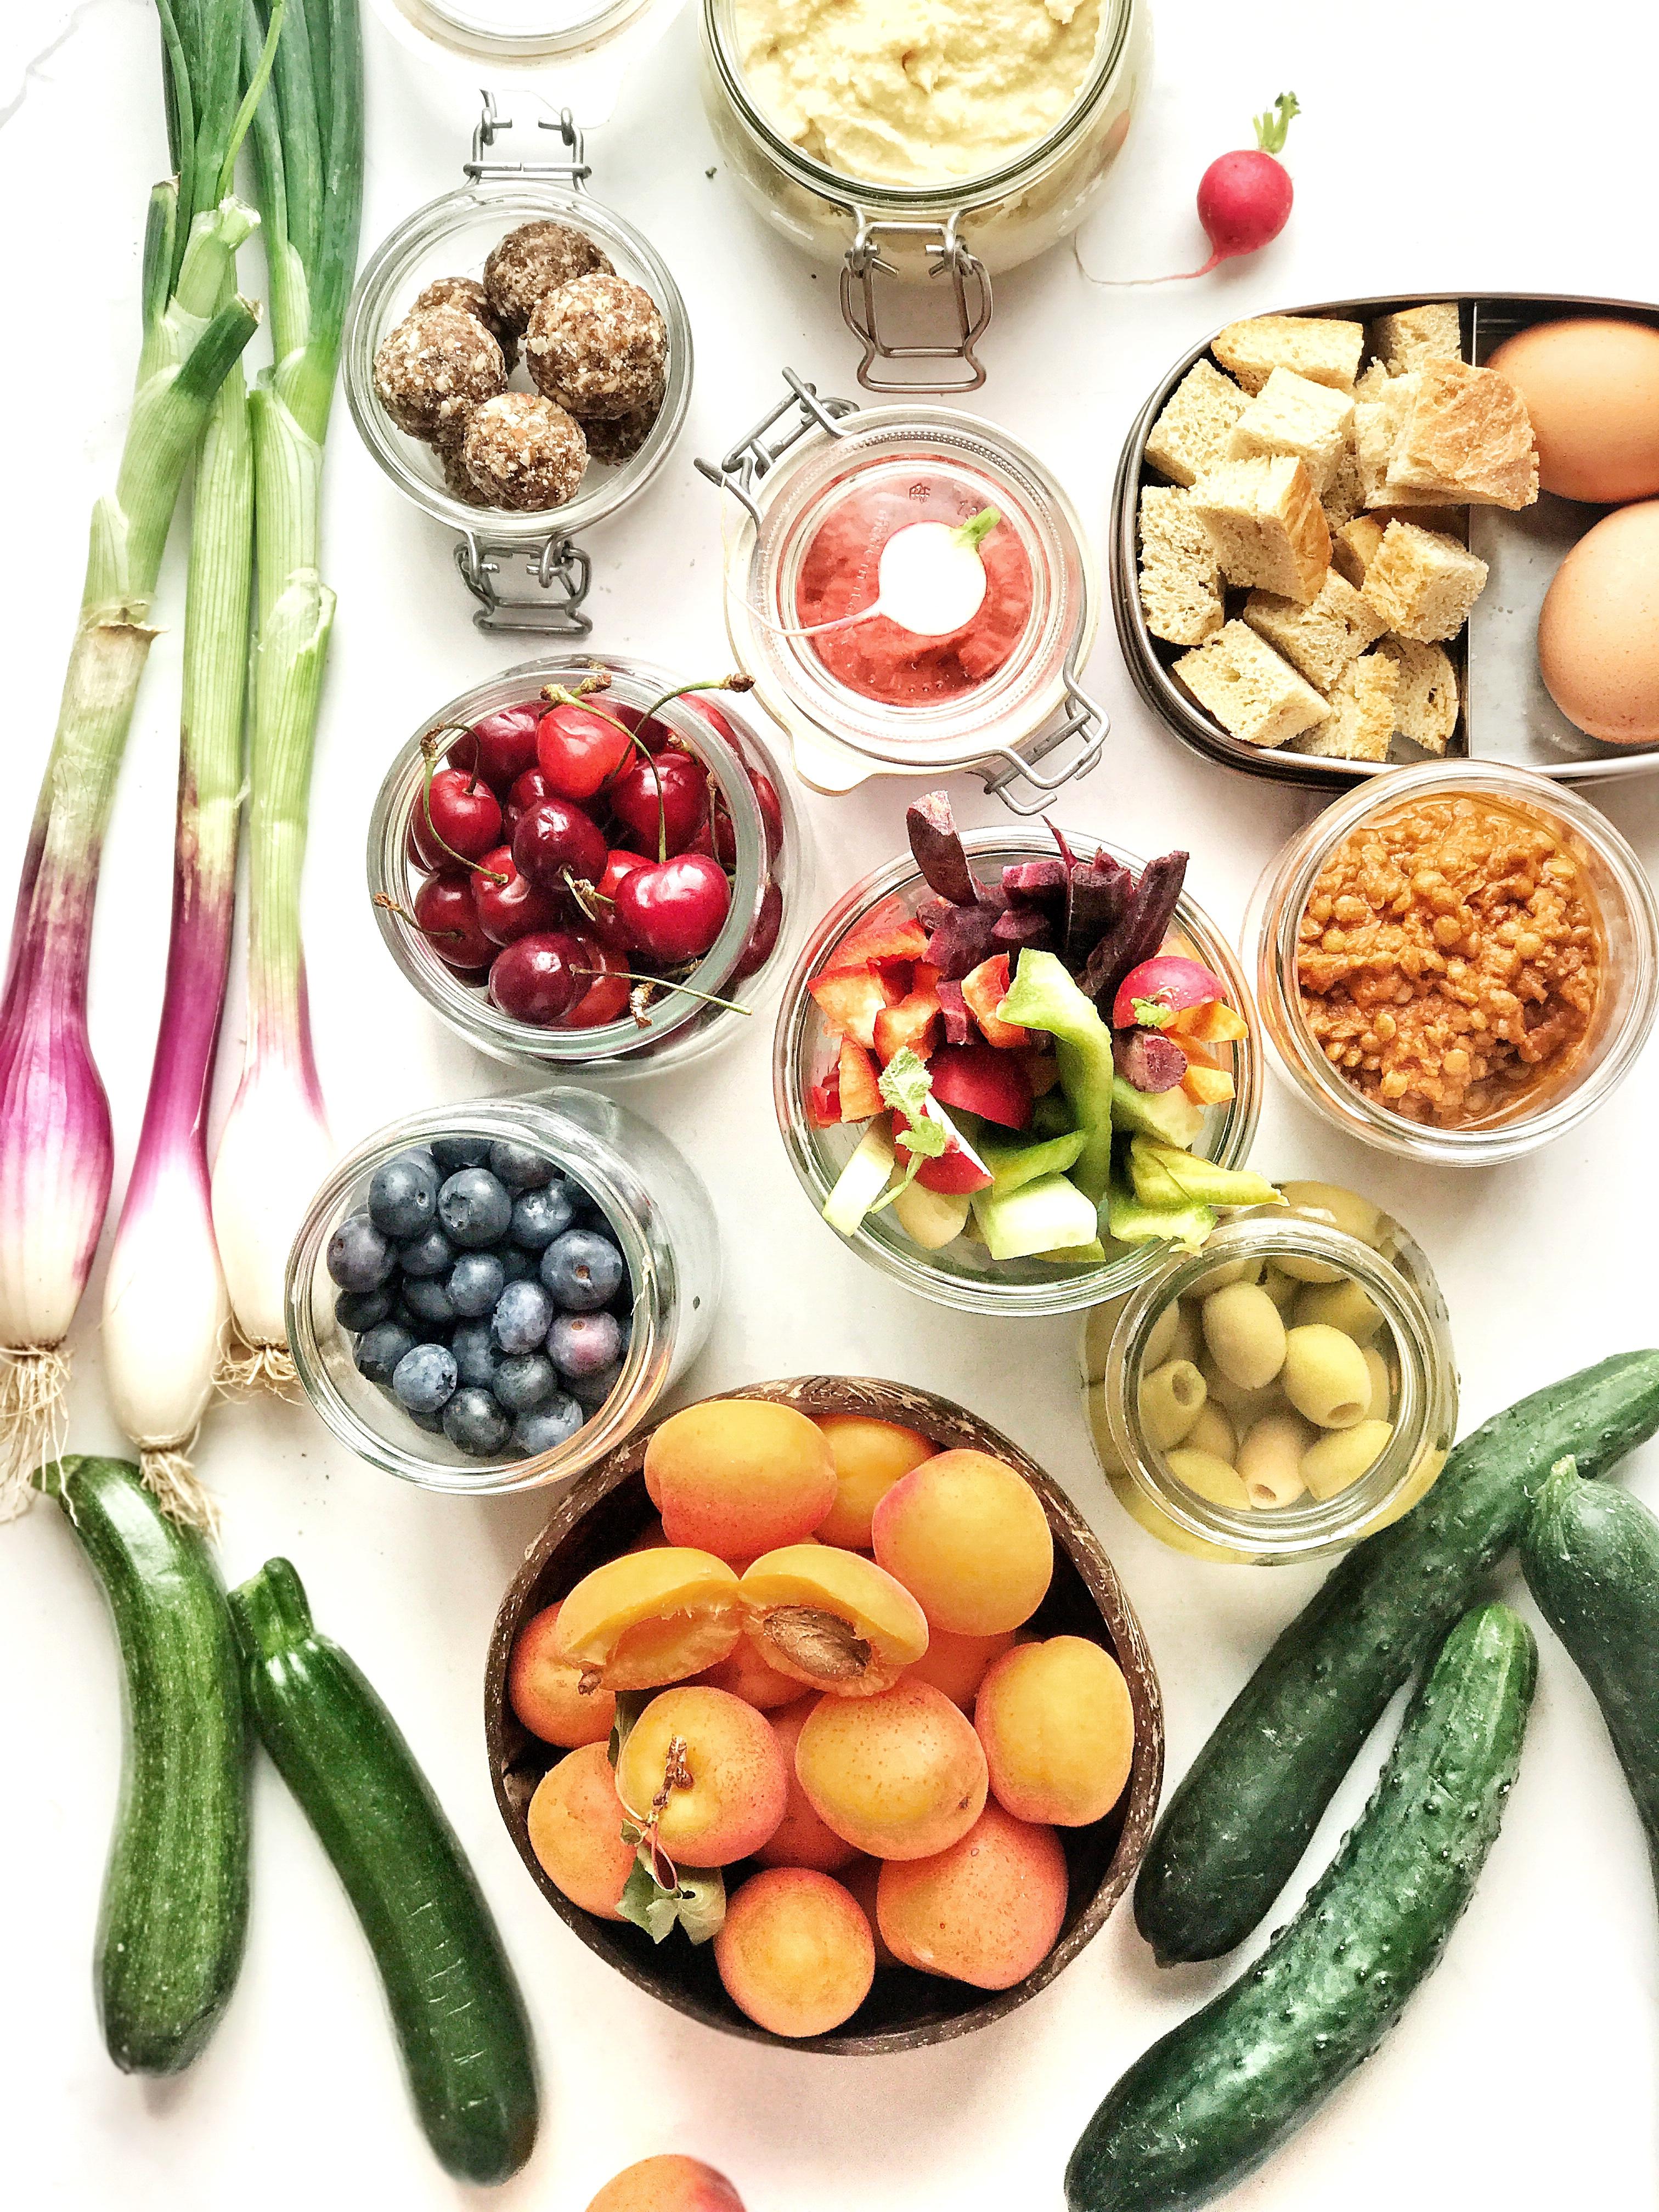 Come Organizzare I Pasti Settimanali meal prep & planner scaricabile per organizzare il menu